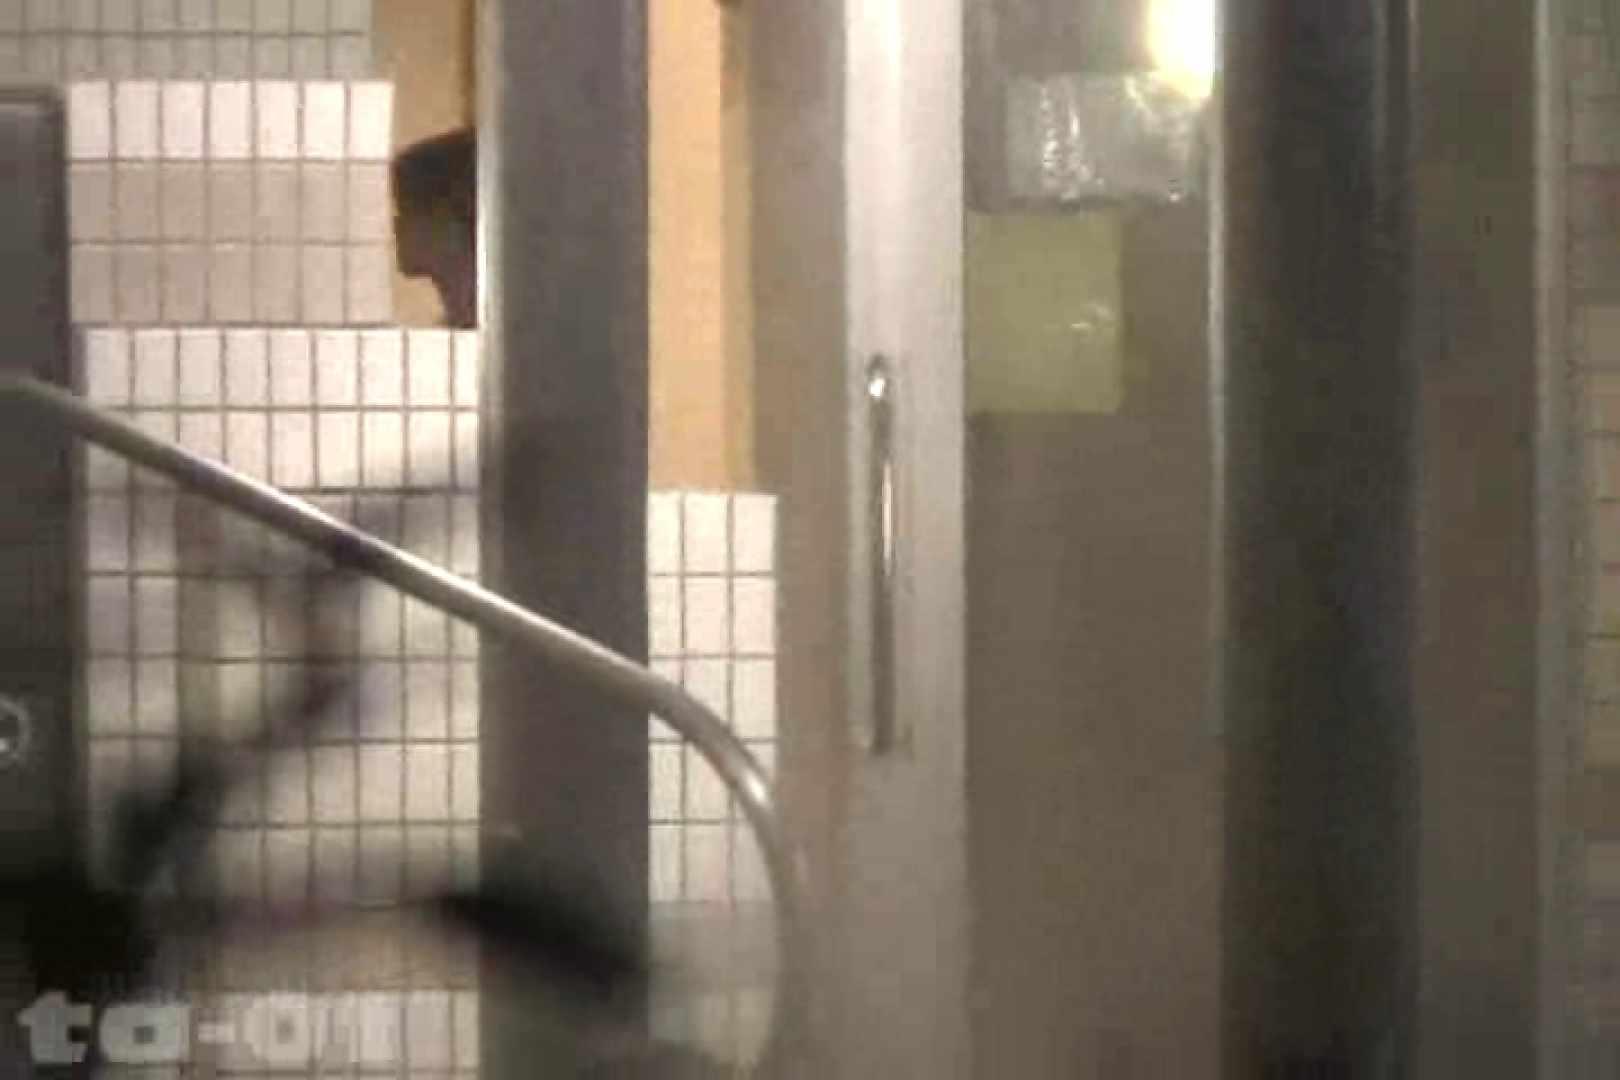 合宿ホテル女風呂盗撮高画質版 Vol.01 女風呂   ホテルでエッチ  91pic 85